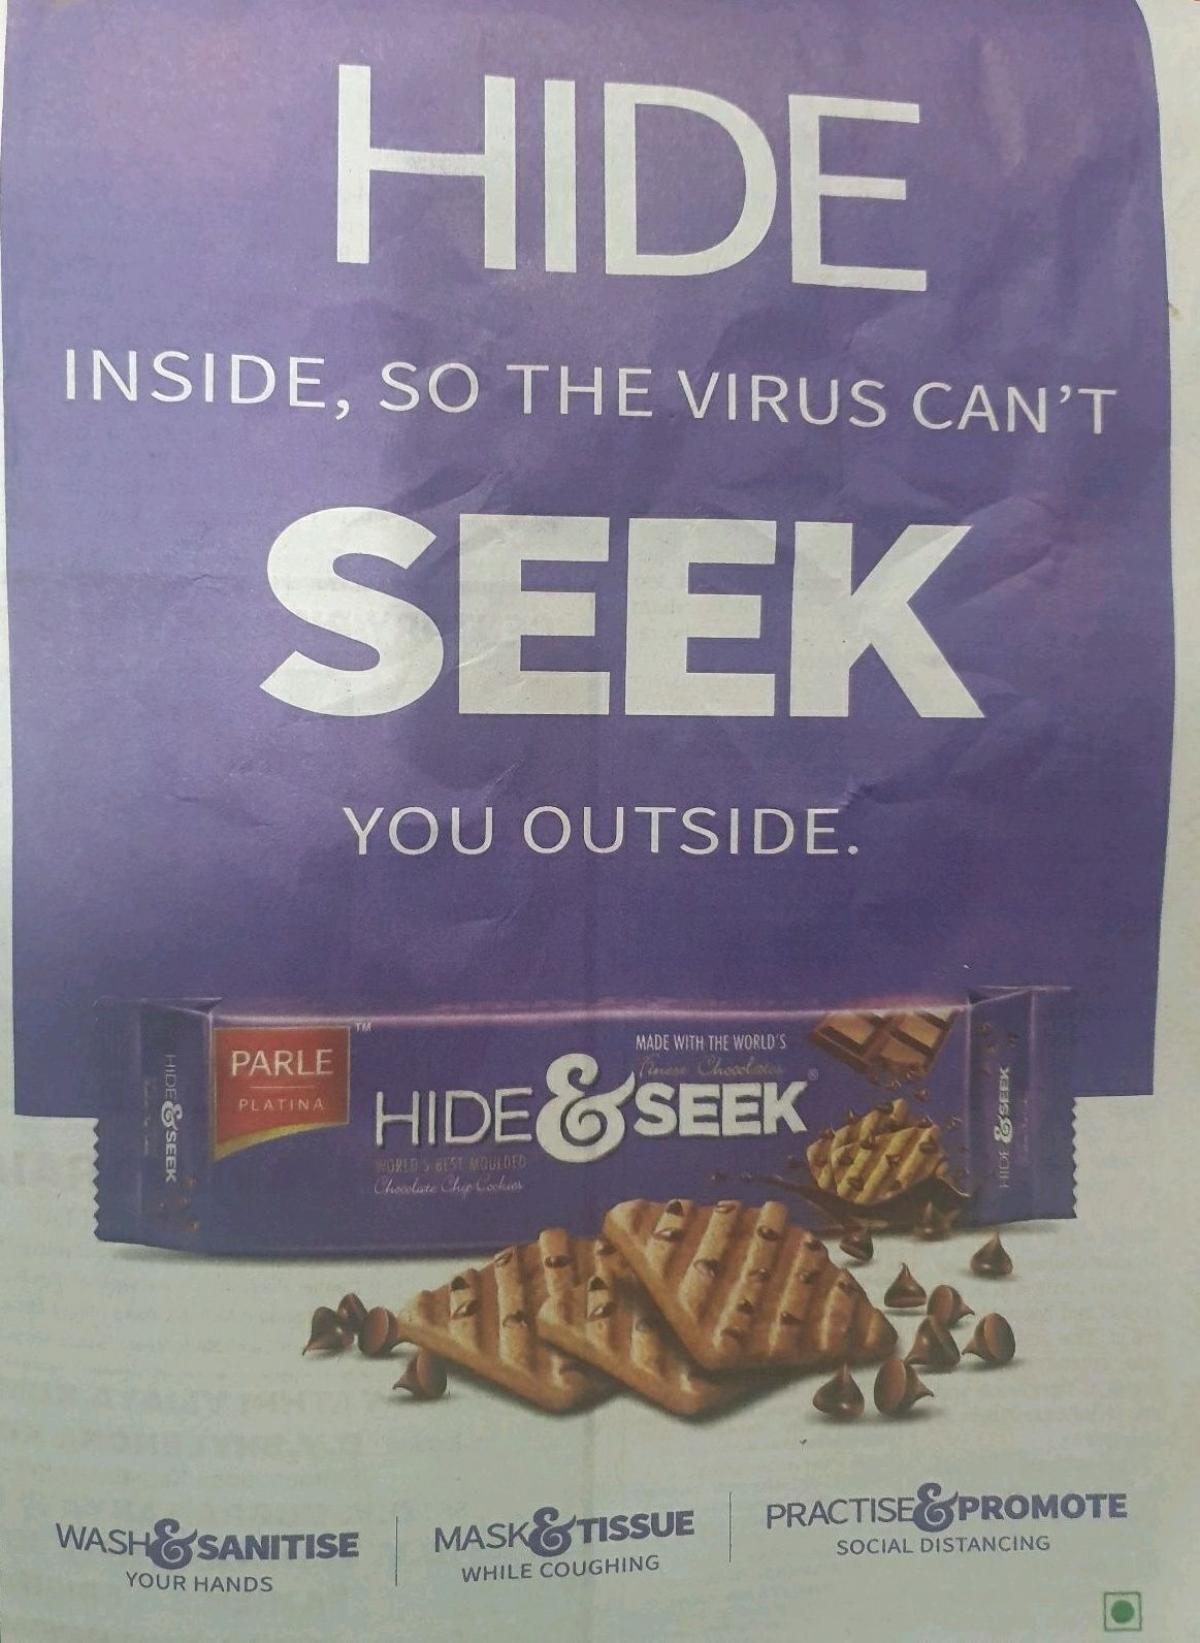 When Hide & Seek told us to hide inside from Coronavirus